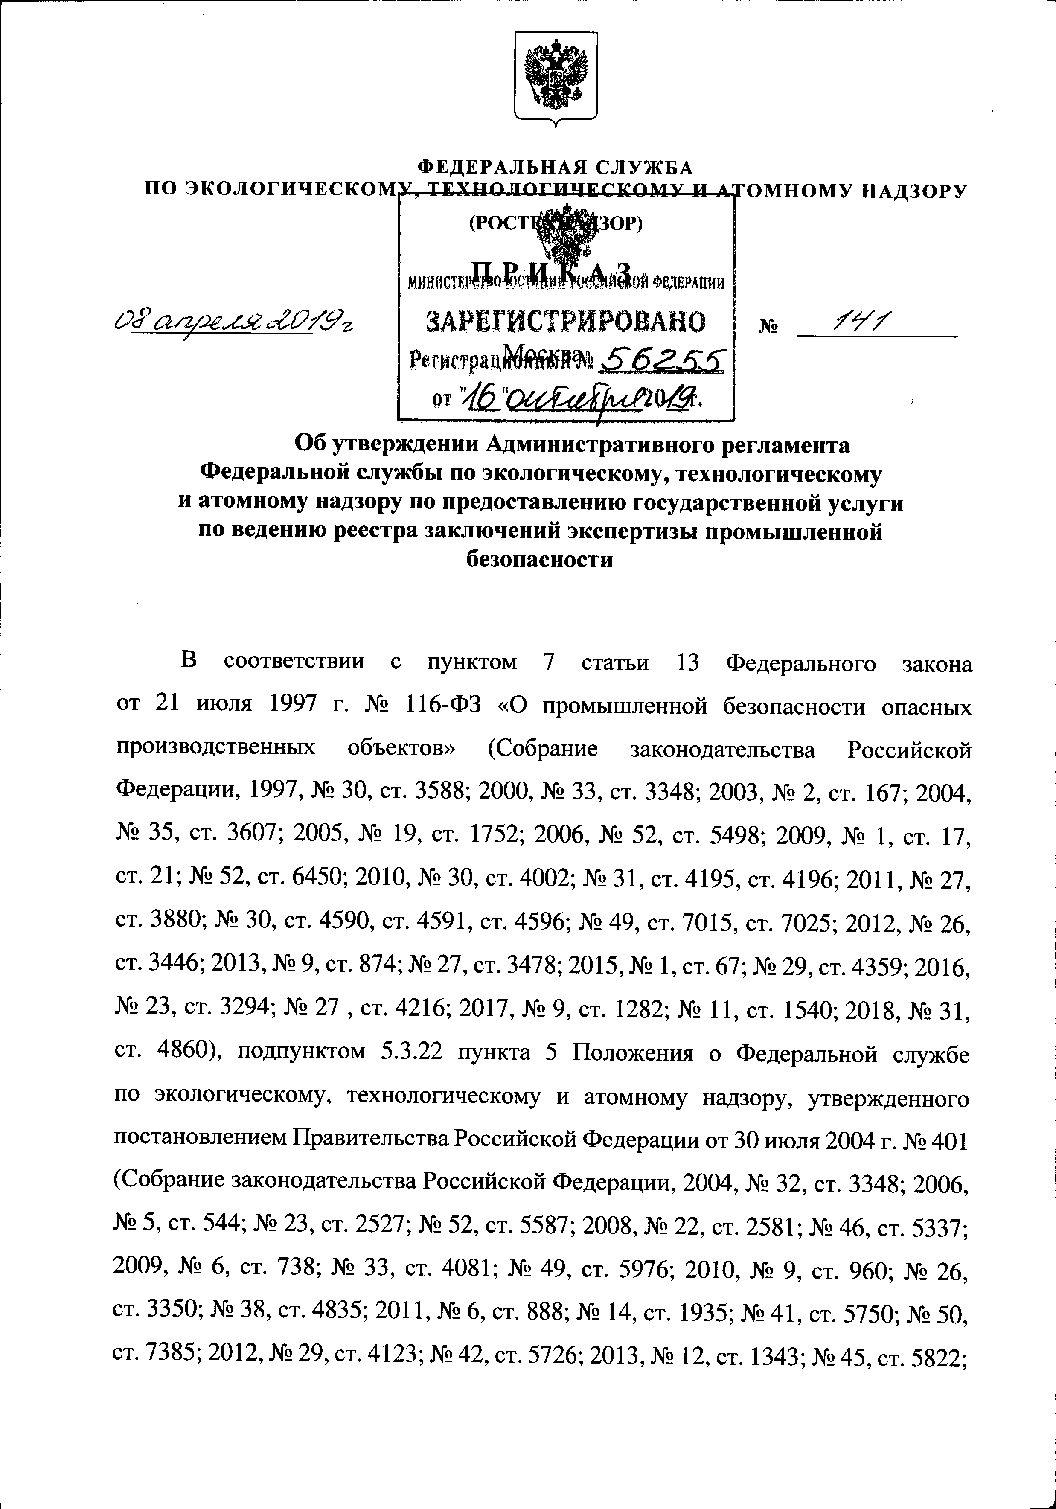 Новый Административный регламент РТН по предоставлению государственной услуги по ведению реестра заключений экспертизы промышленной безопасности, утвержденный приказом Ростехнадзора от 8 апреля 2019 г. № 141